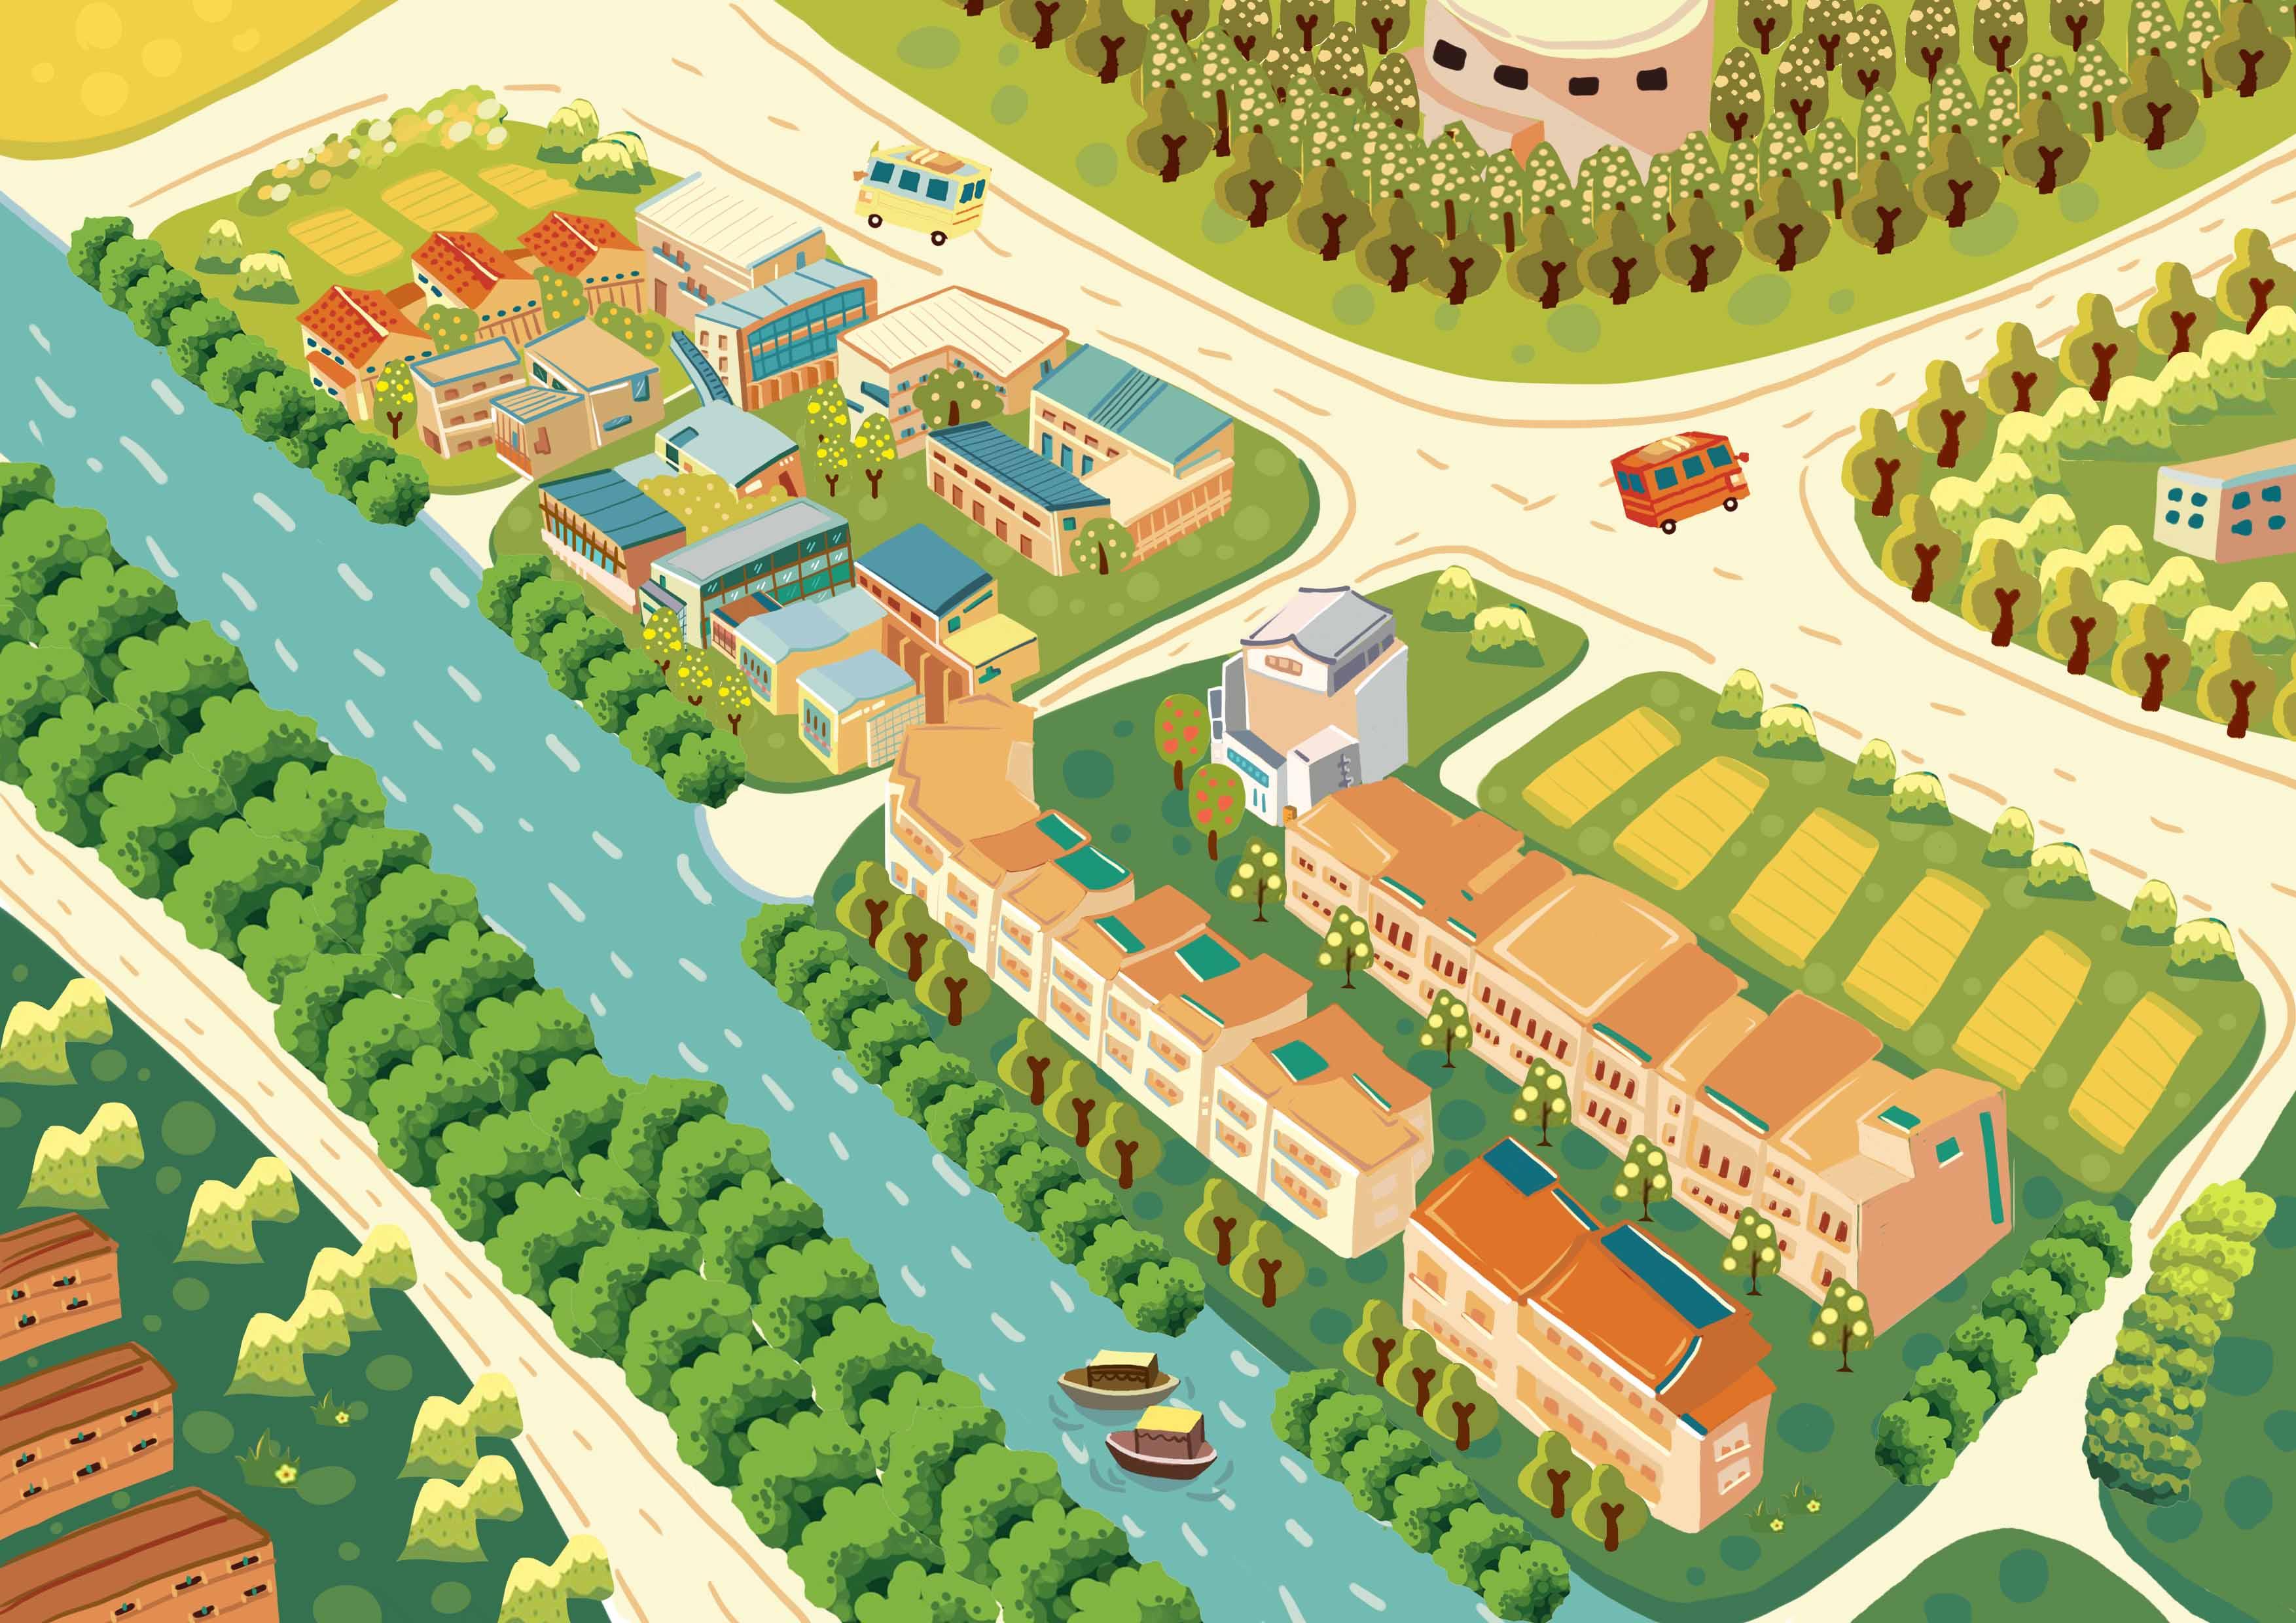 杭州梦想小镇手绘地图